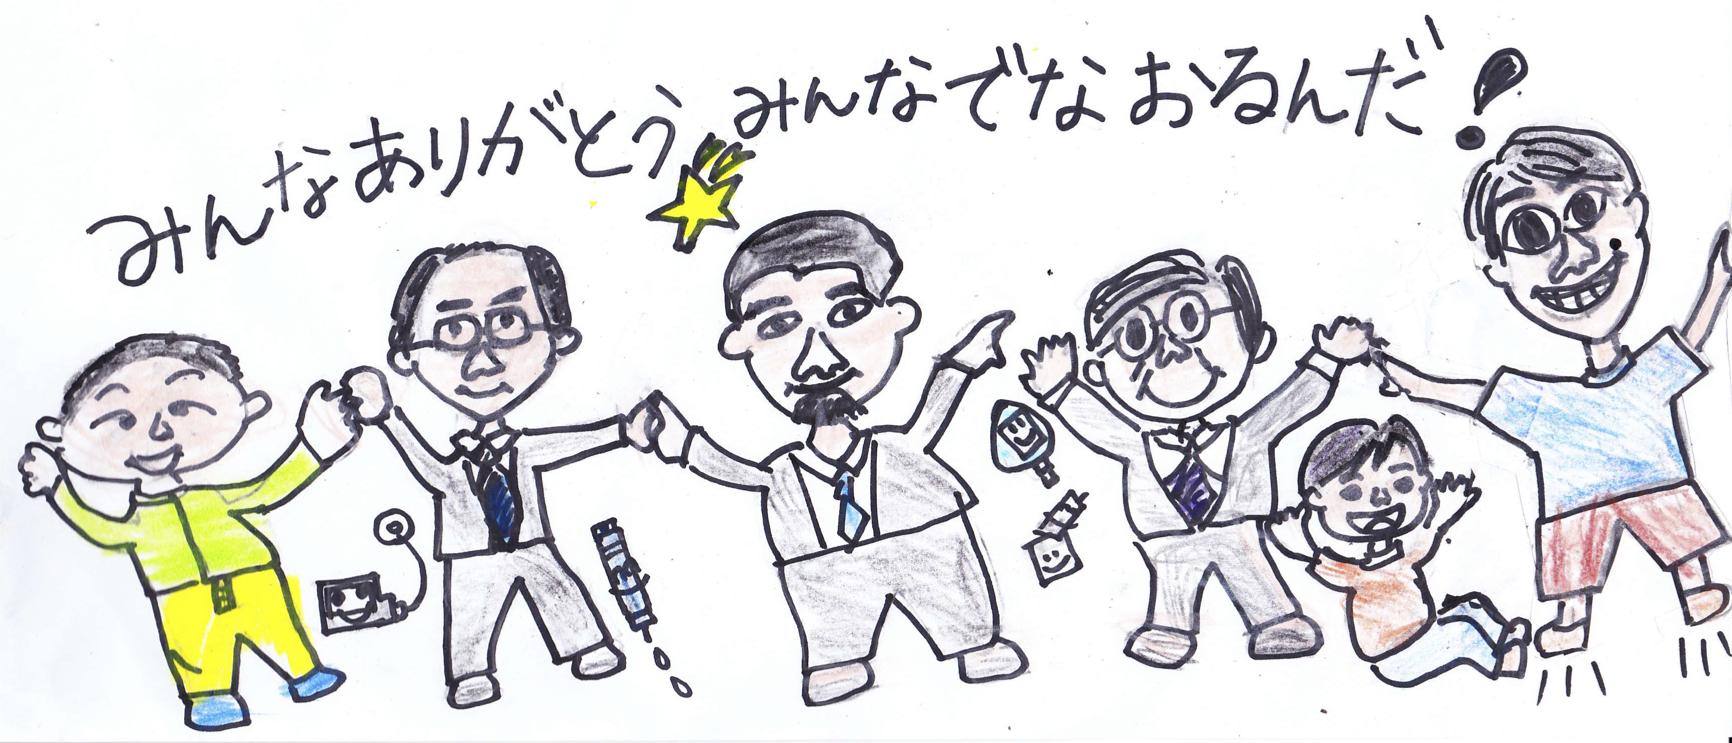 """""""1型糖尿病の患児が描いた絵"""